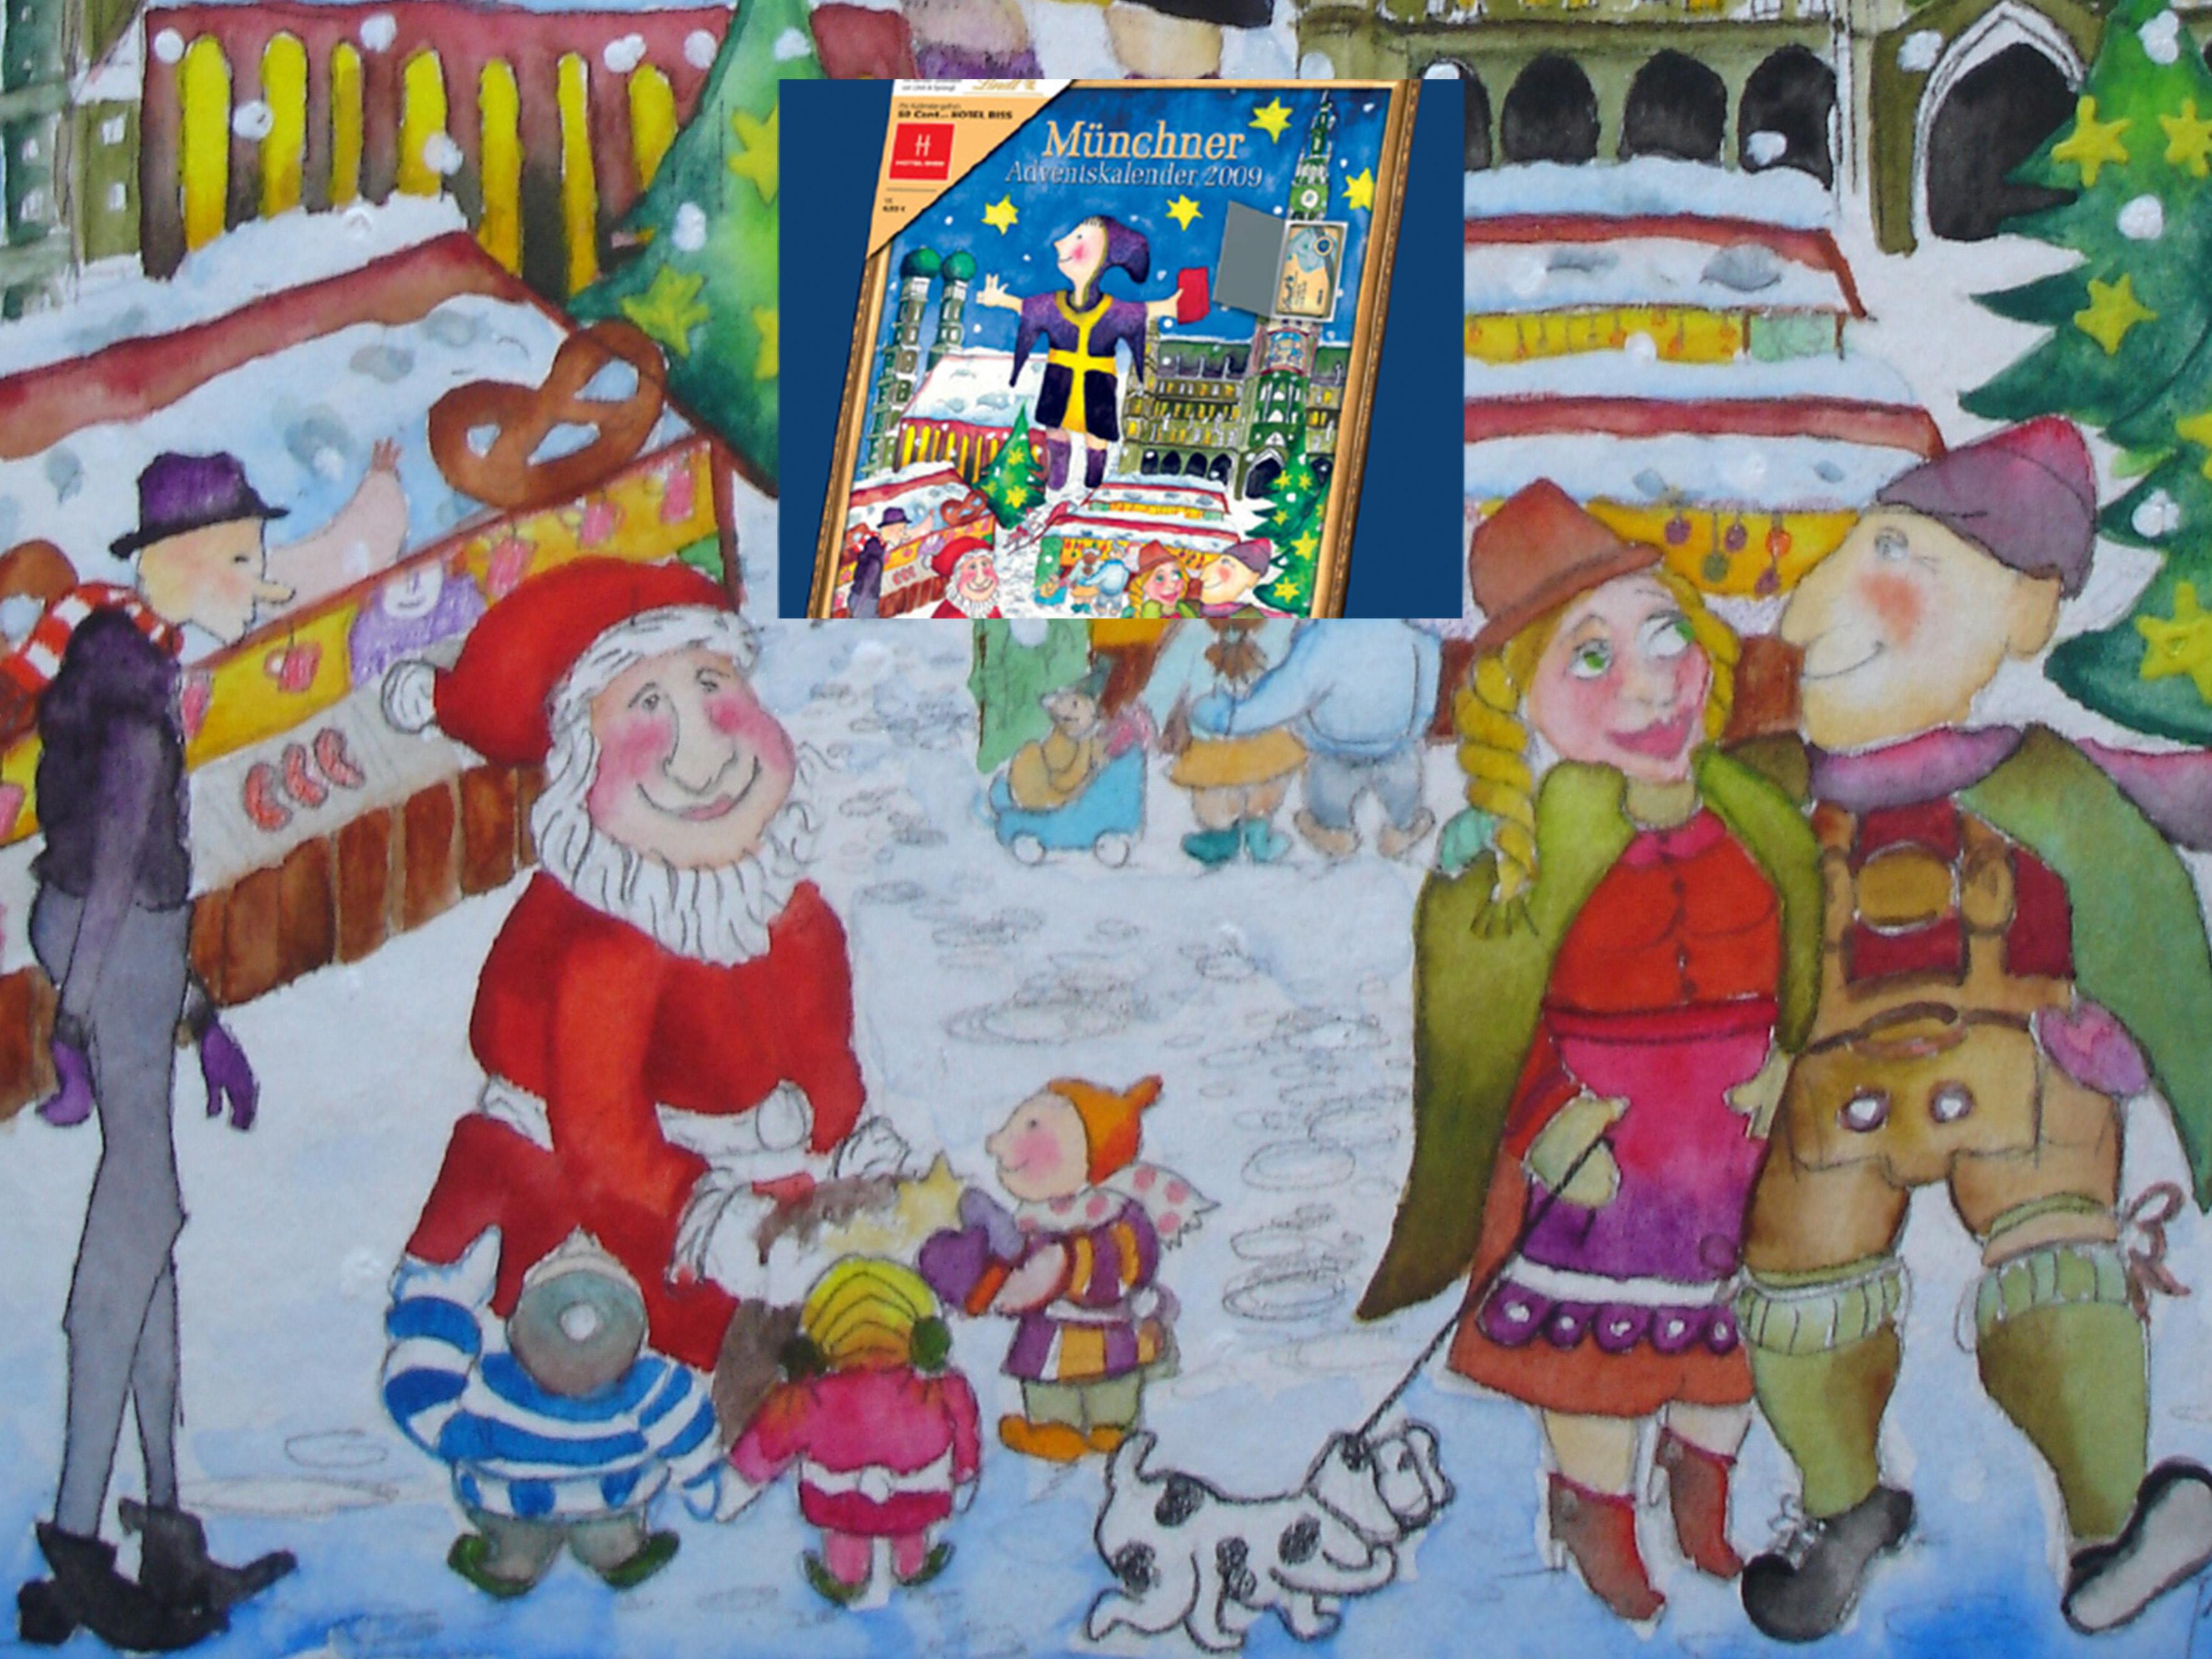 Münchner Adventskalender 2009